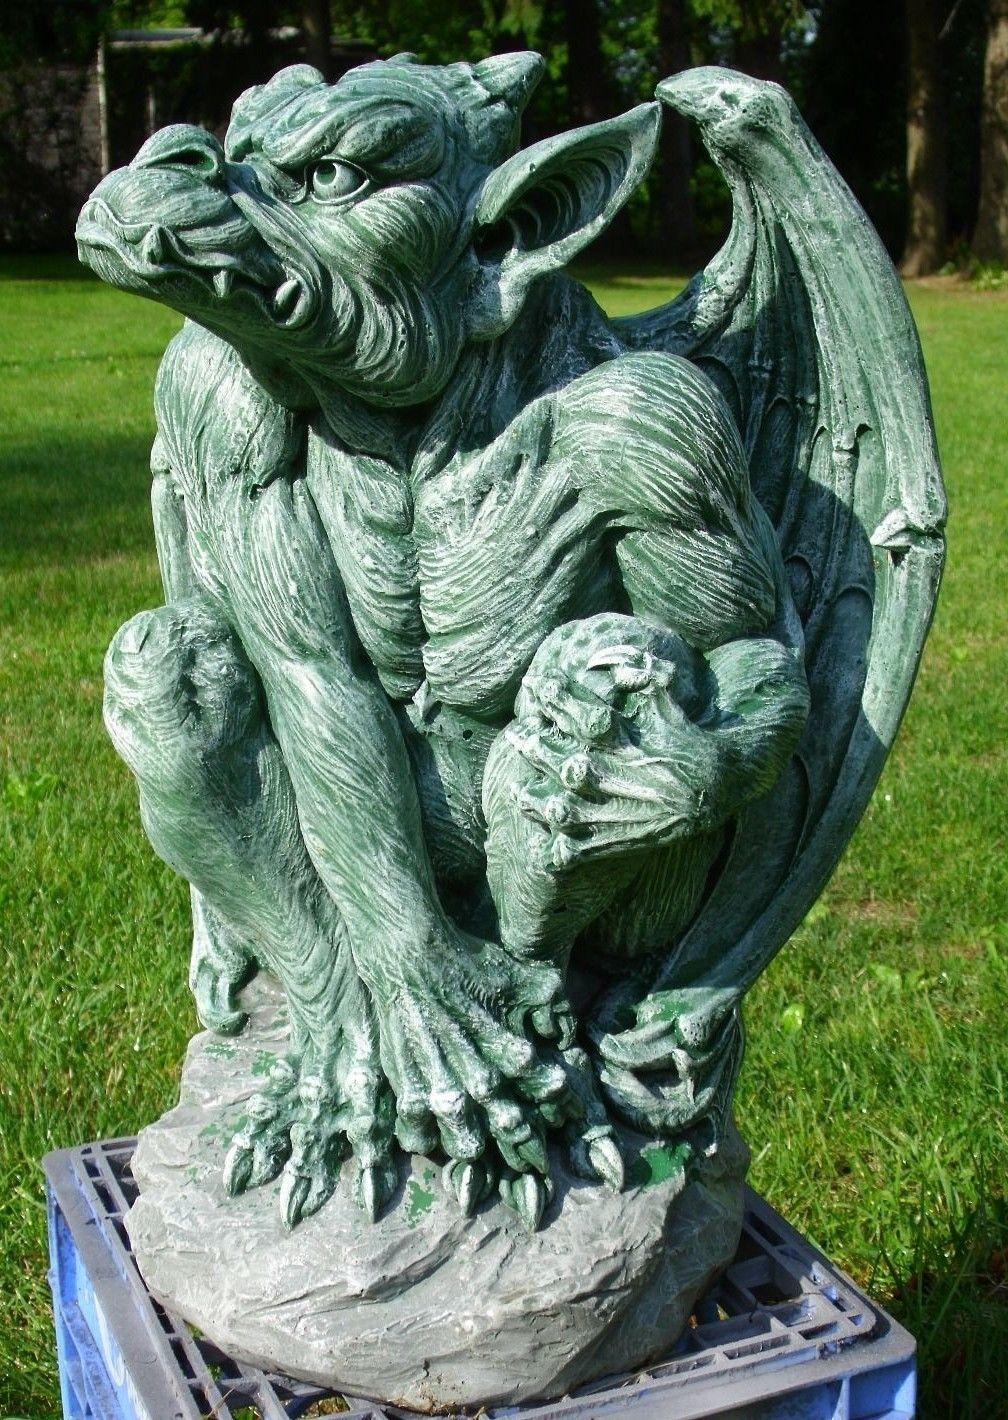 Asian garden statue mold